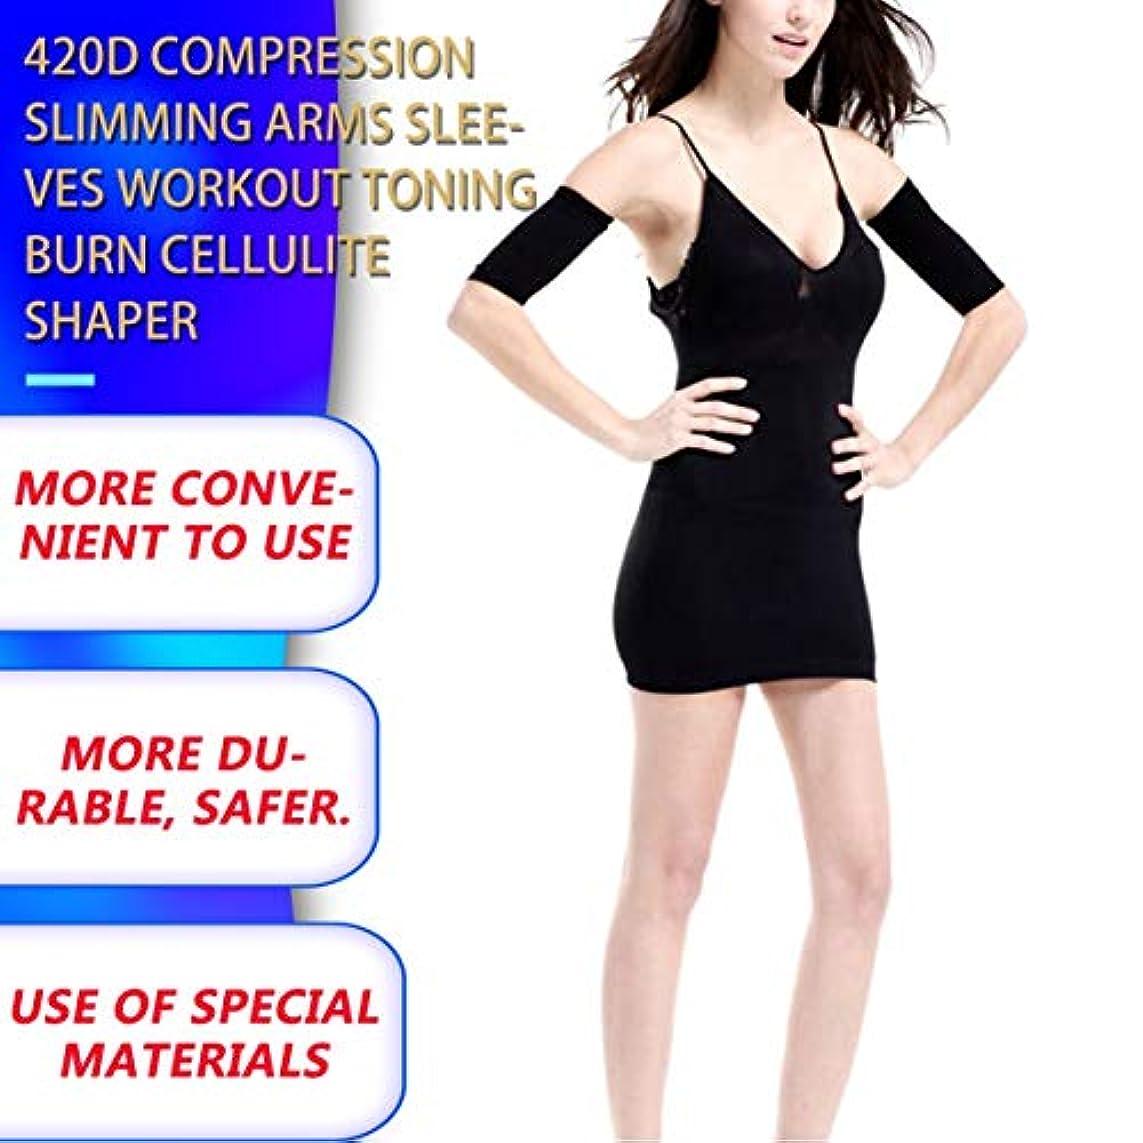 氏必須蒸留する1ペア420 d圧縮痩身アームスリーブワークアウトトーニングバーンセルライトシェイパー脂肪燃焼袖用女性